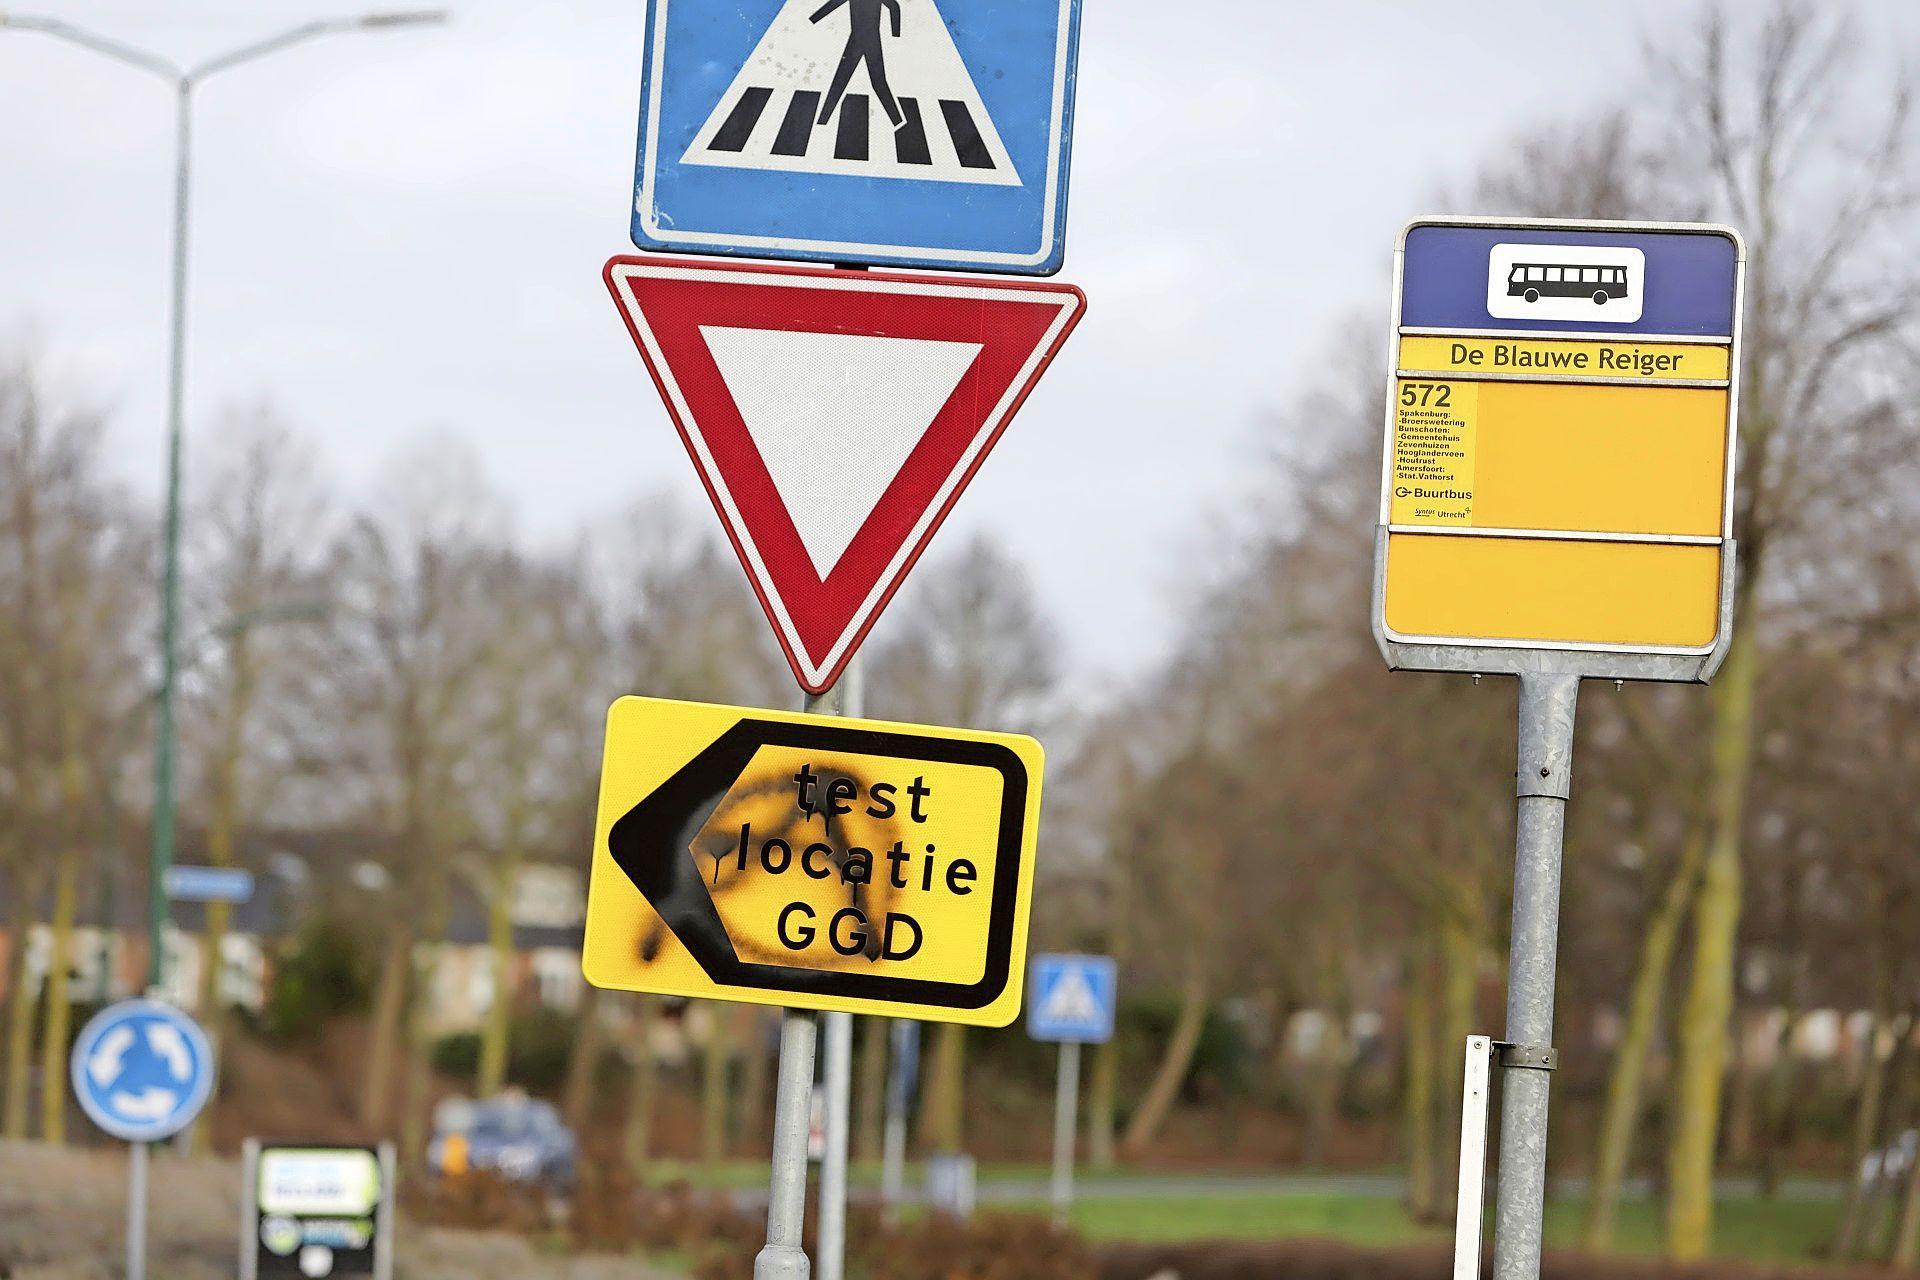 Grafstenen en coronateststraat in Bunschoten beklad, GGD doet aangifte